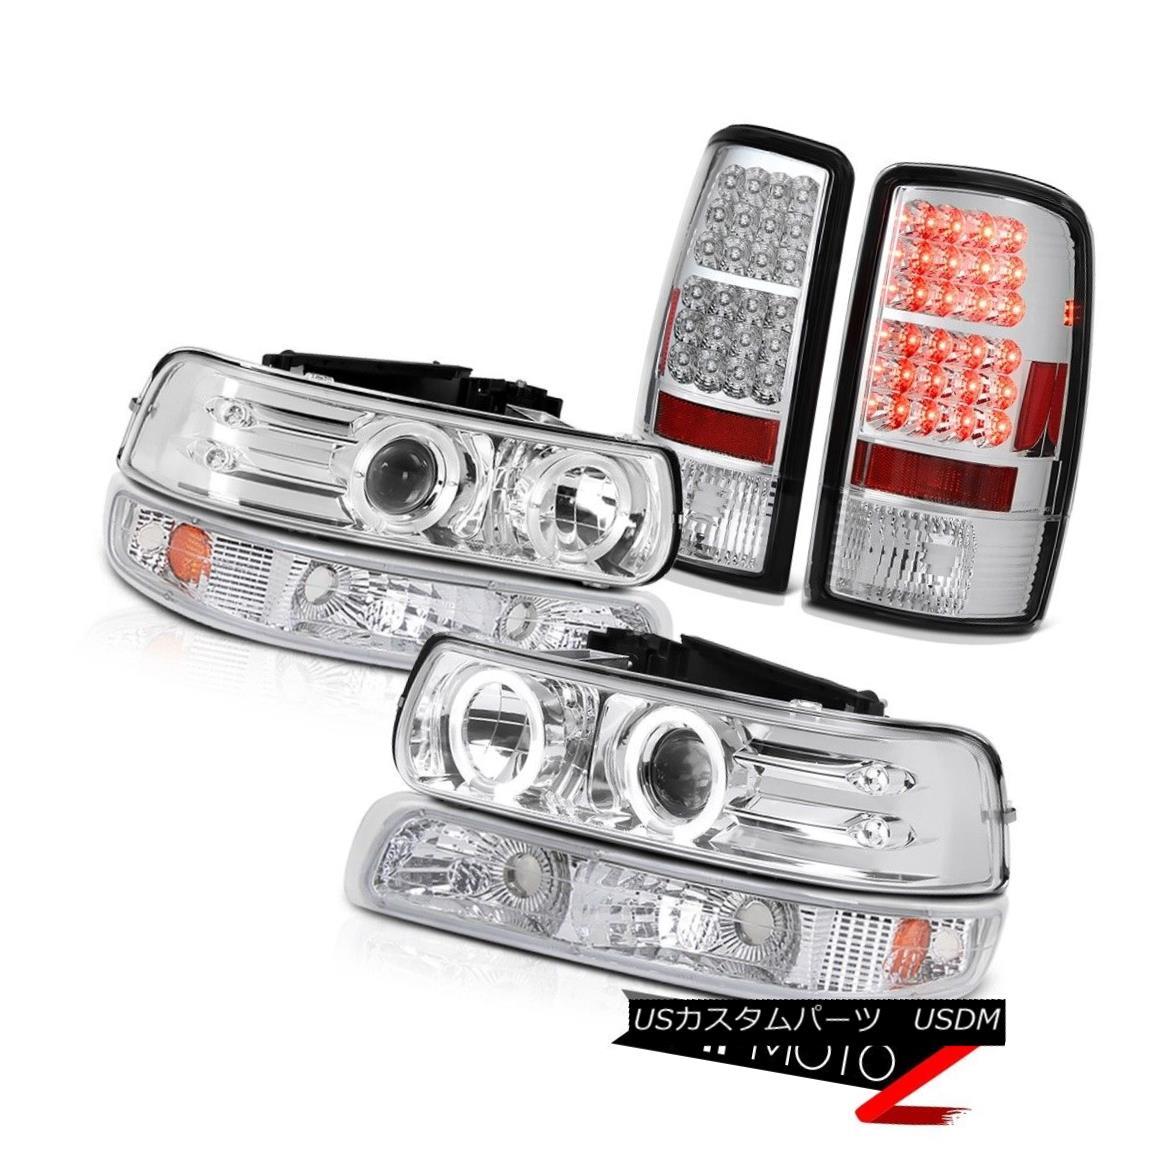 ヘッドライト LED DRL Headlamps Chrome Parking LED Bulb Brake Tail Lights 00-06 Suburban 2500 LED DRLヘッドランプクロームパーキングLED電球ブレーキテールライト00-06郊外2500